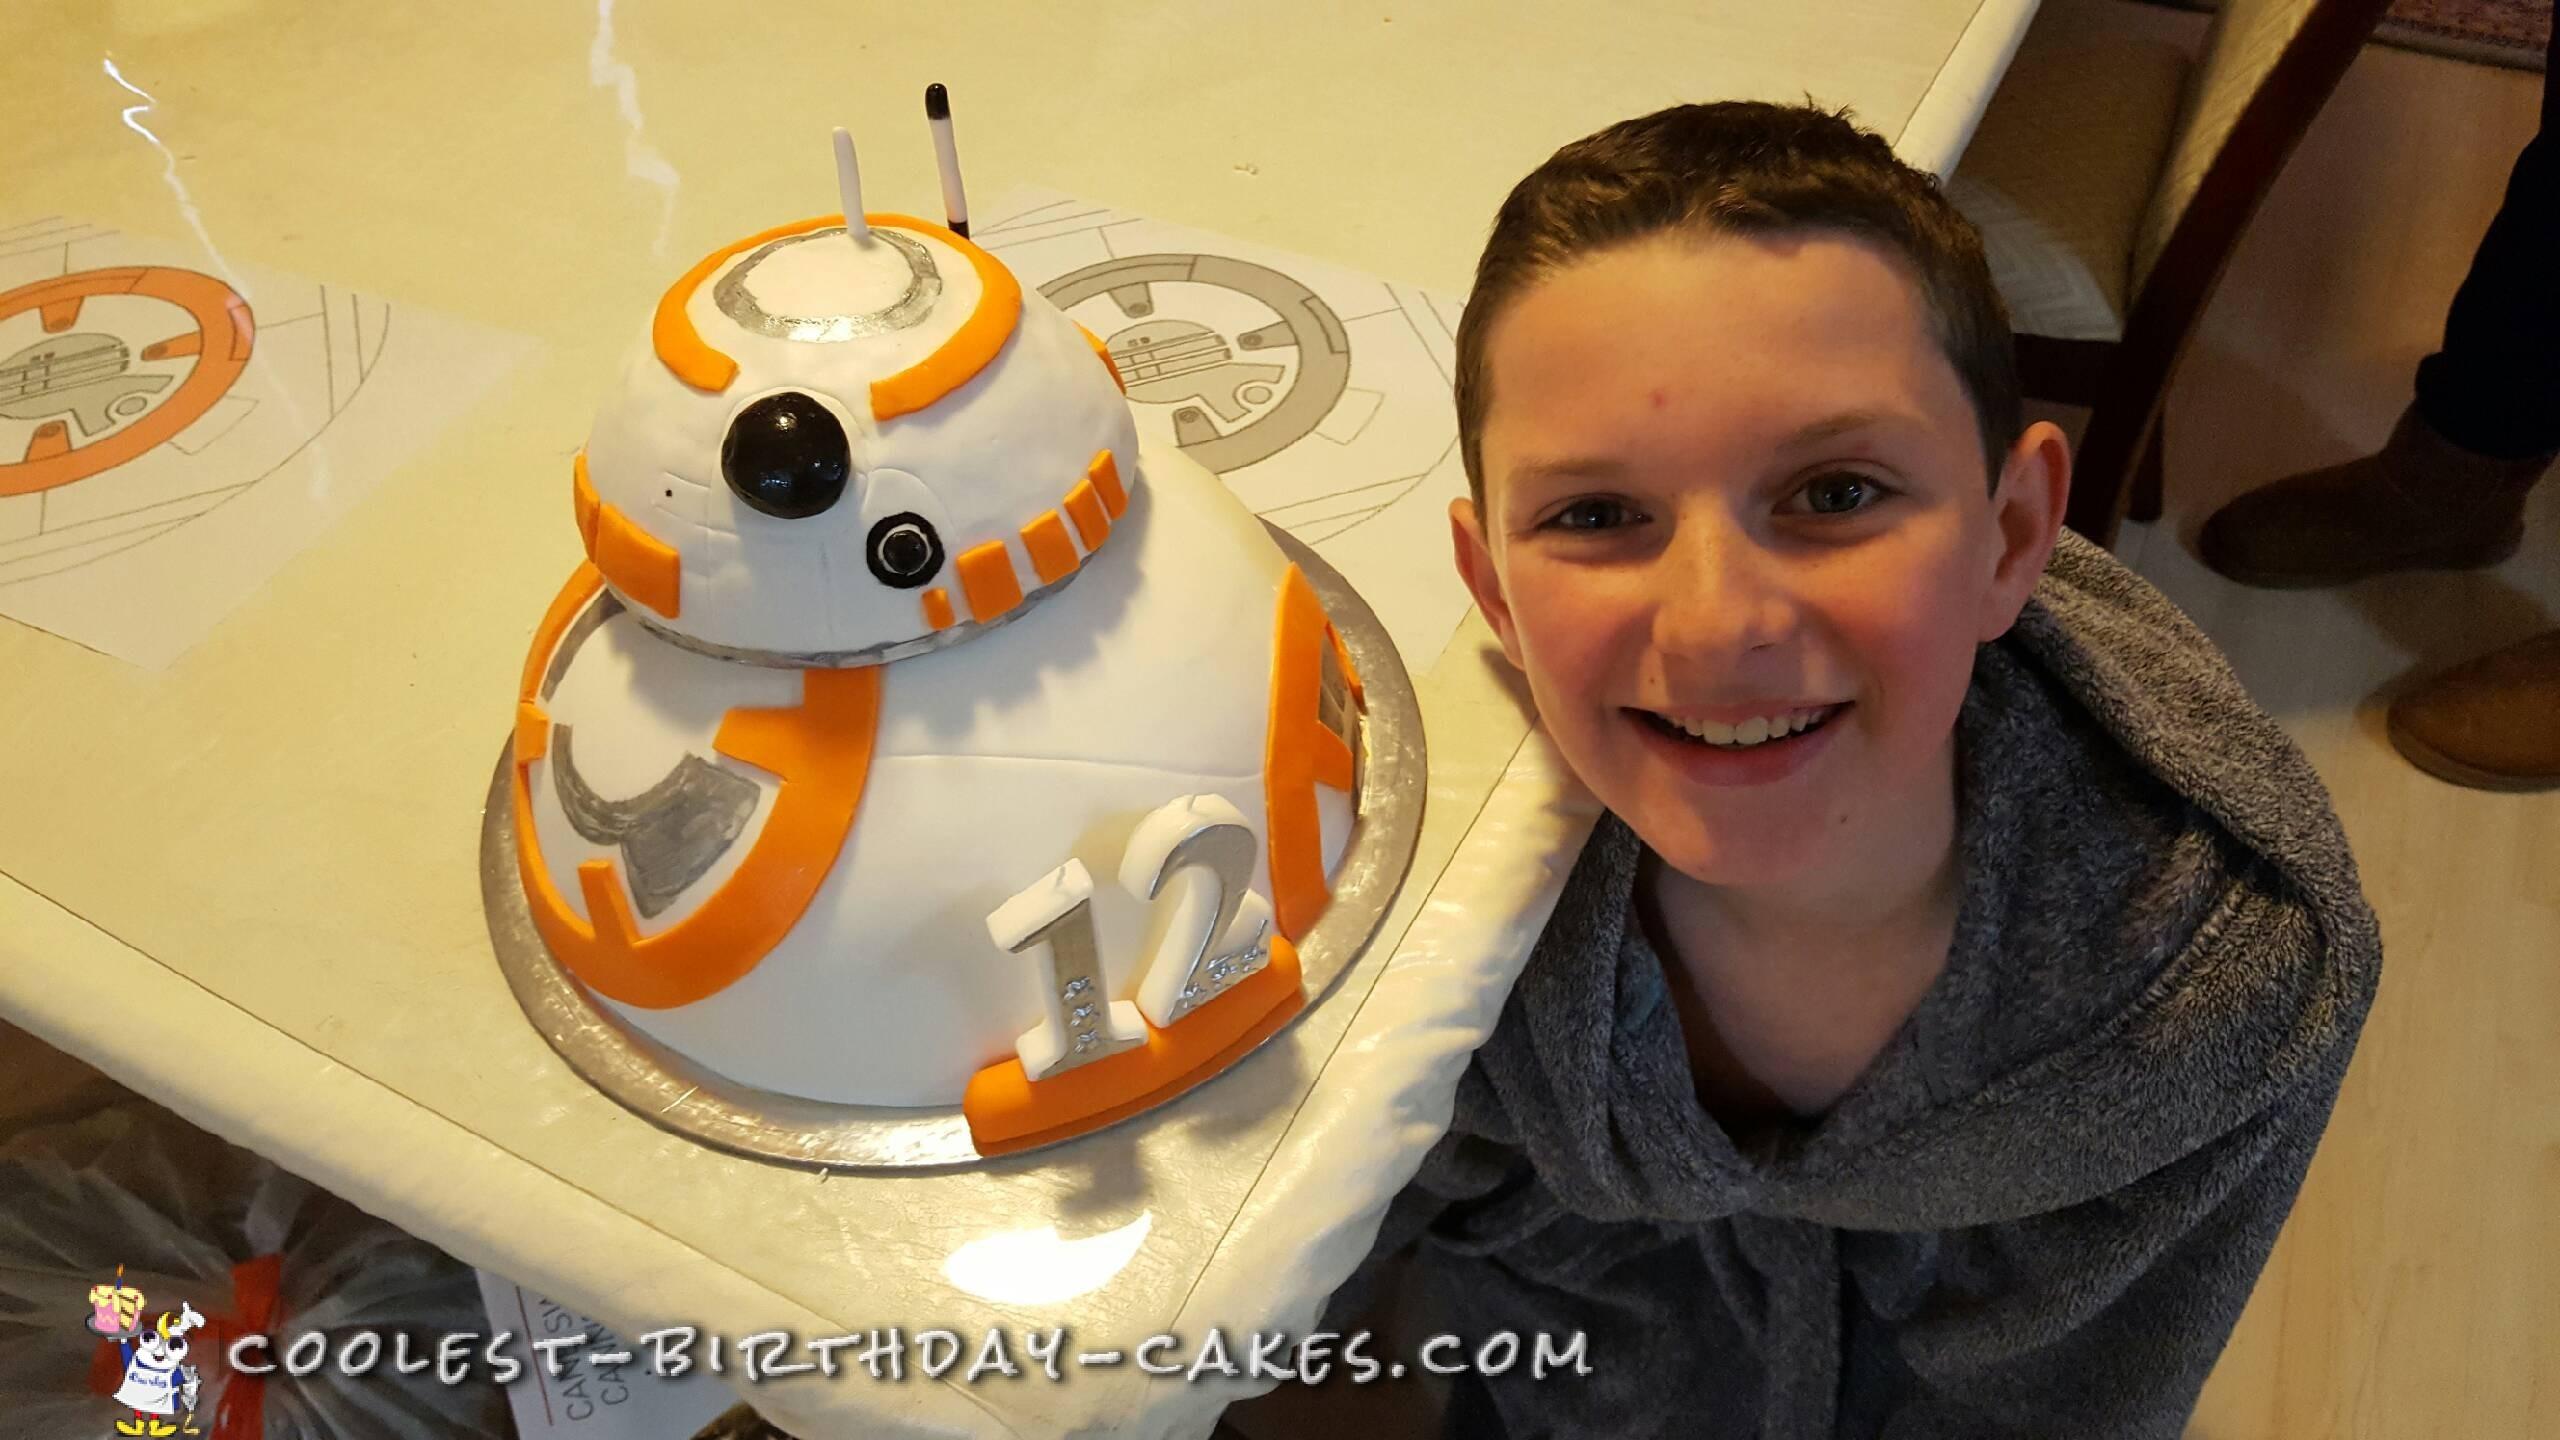 Cool BB-8 Cake